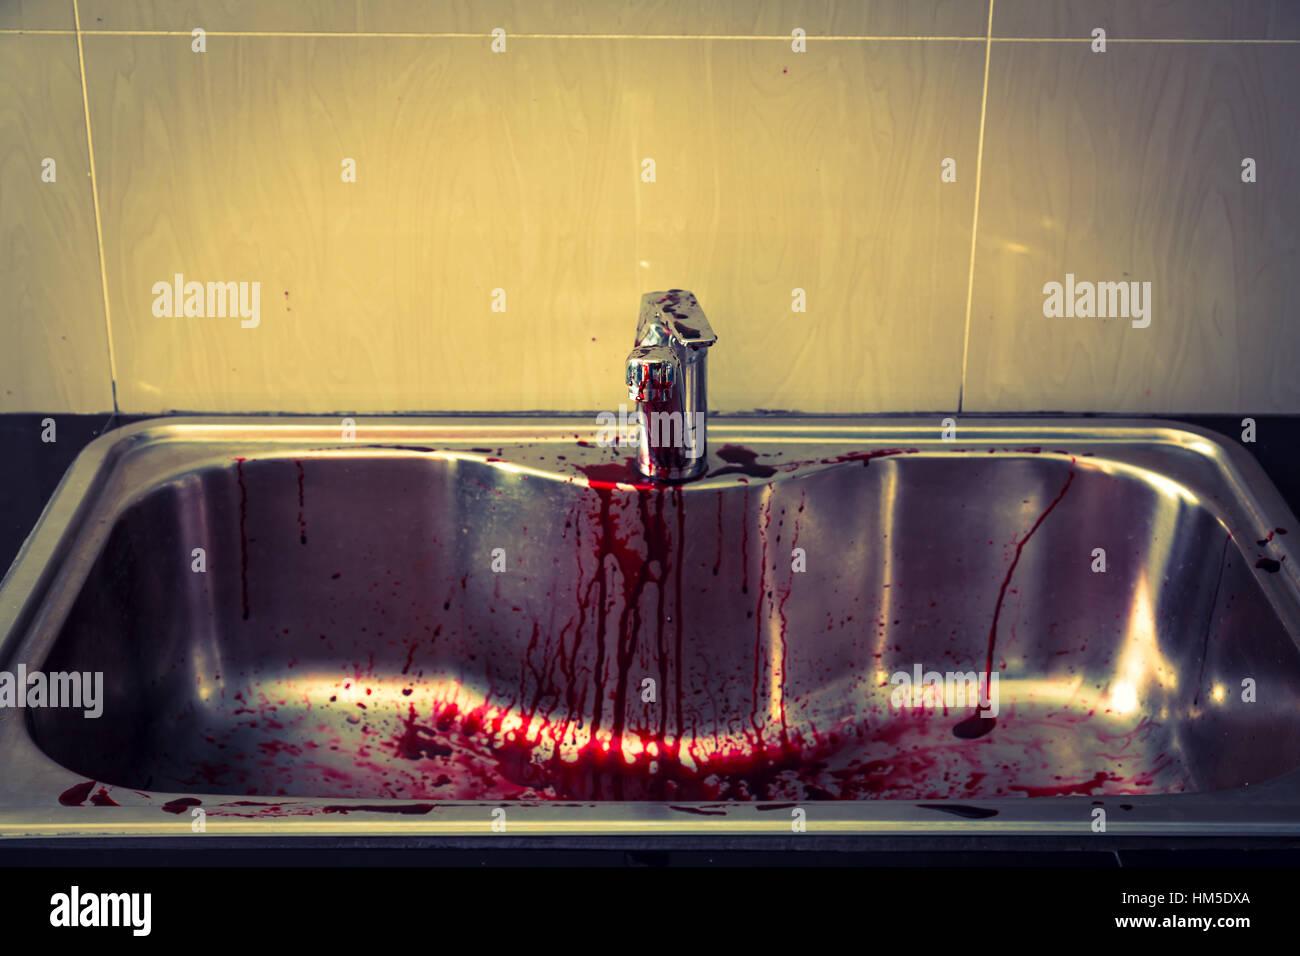 Kitchen Sink Blood Halloween Filtered Stockfotos & Kitchen Sink ...